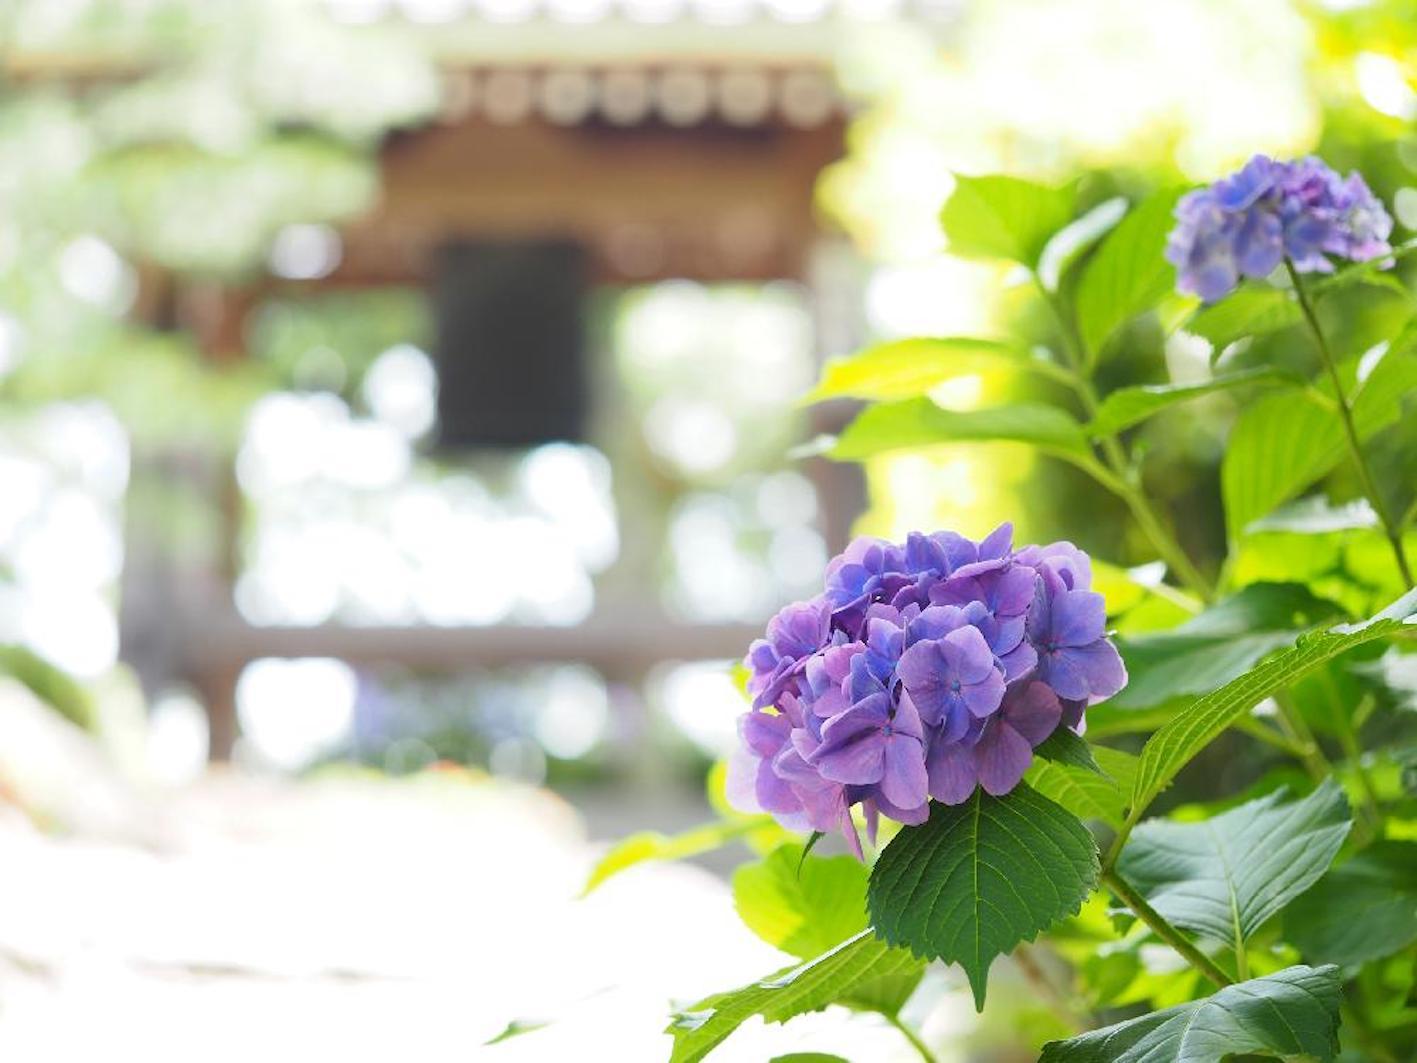 紫陽花 挿し木 時期 紫陽花を挿し木にする時期はいつ?簡単な増やし方と鉢上げの方法